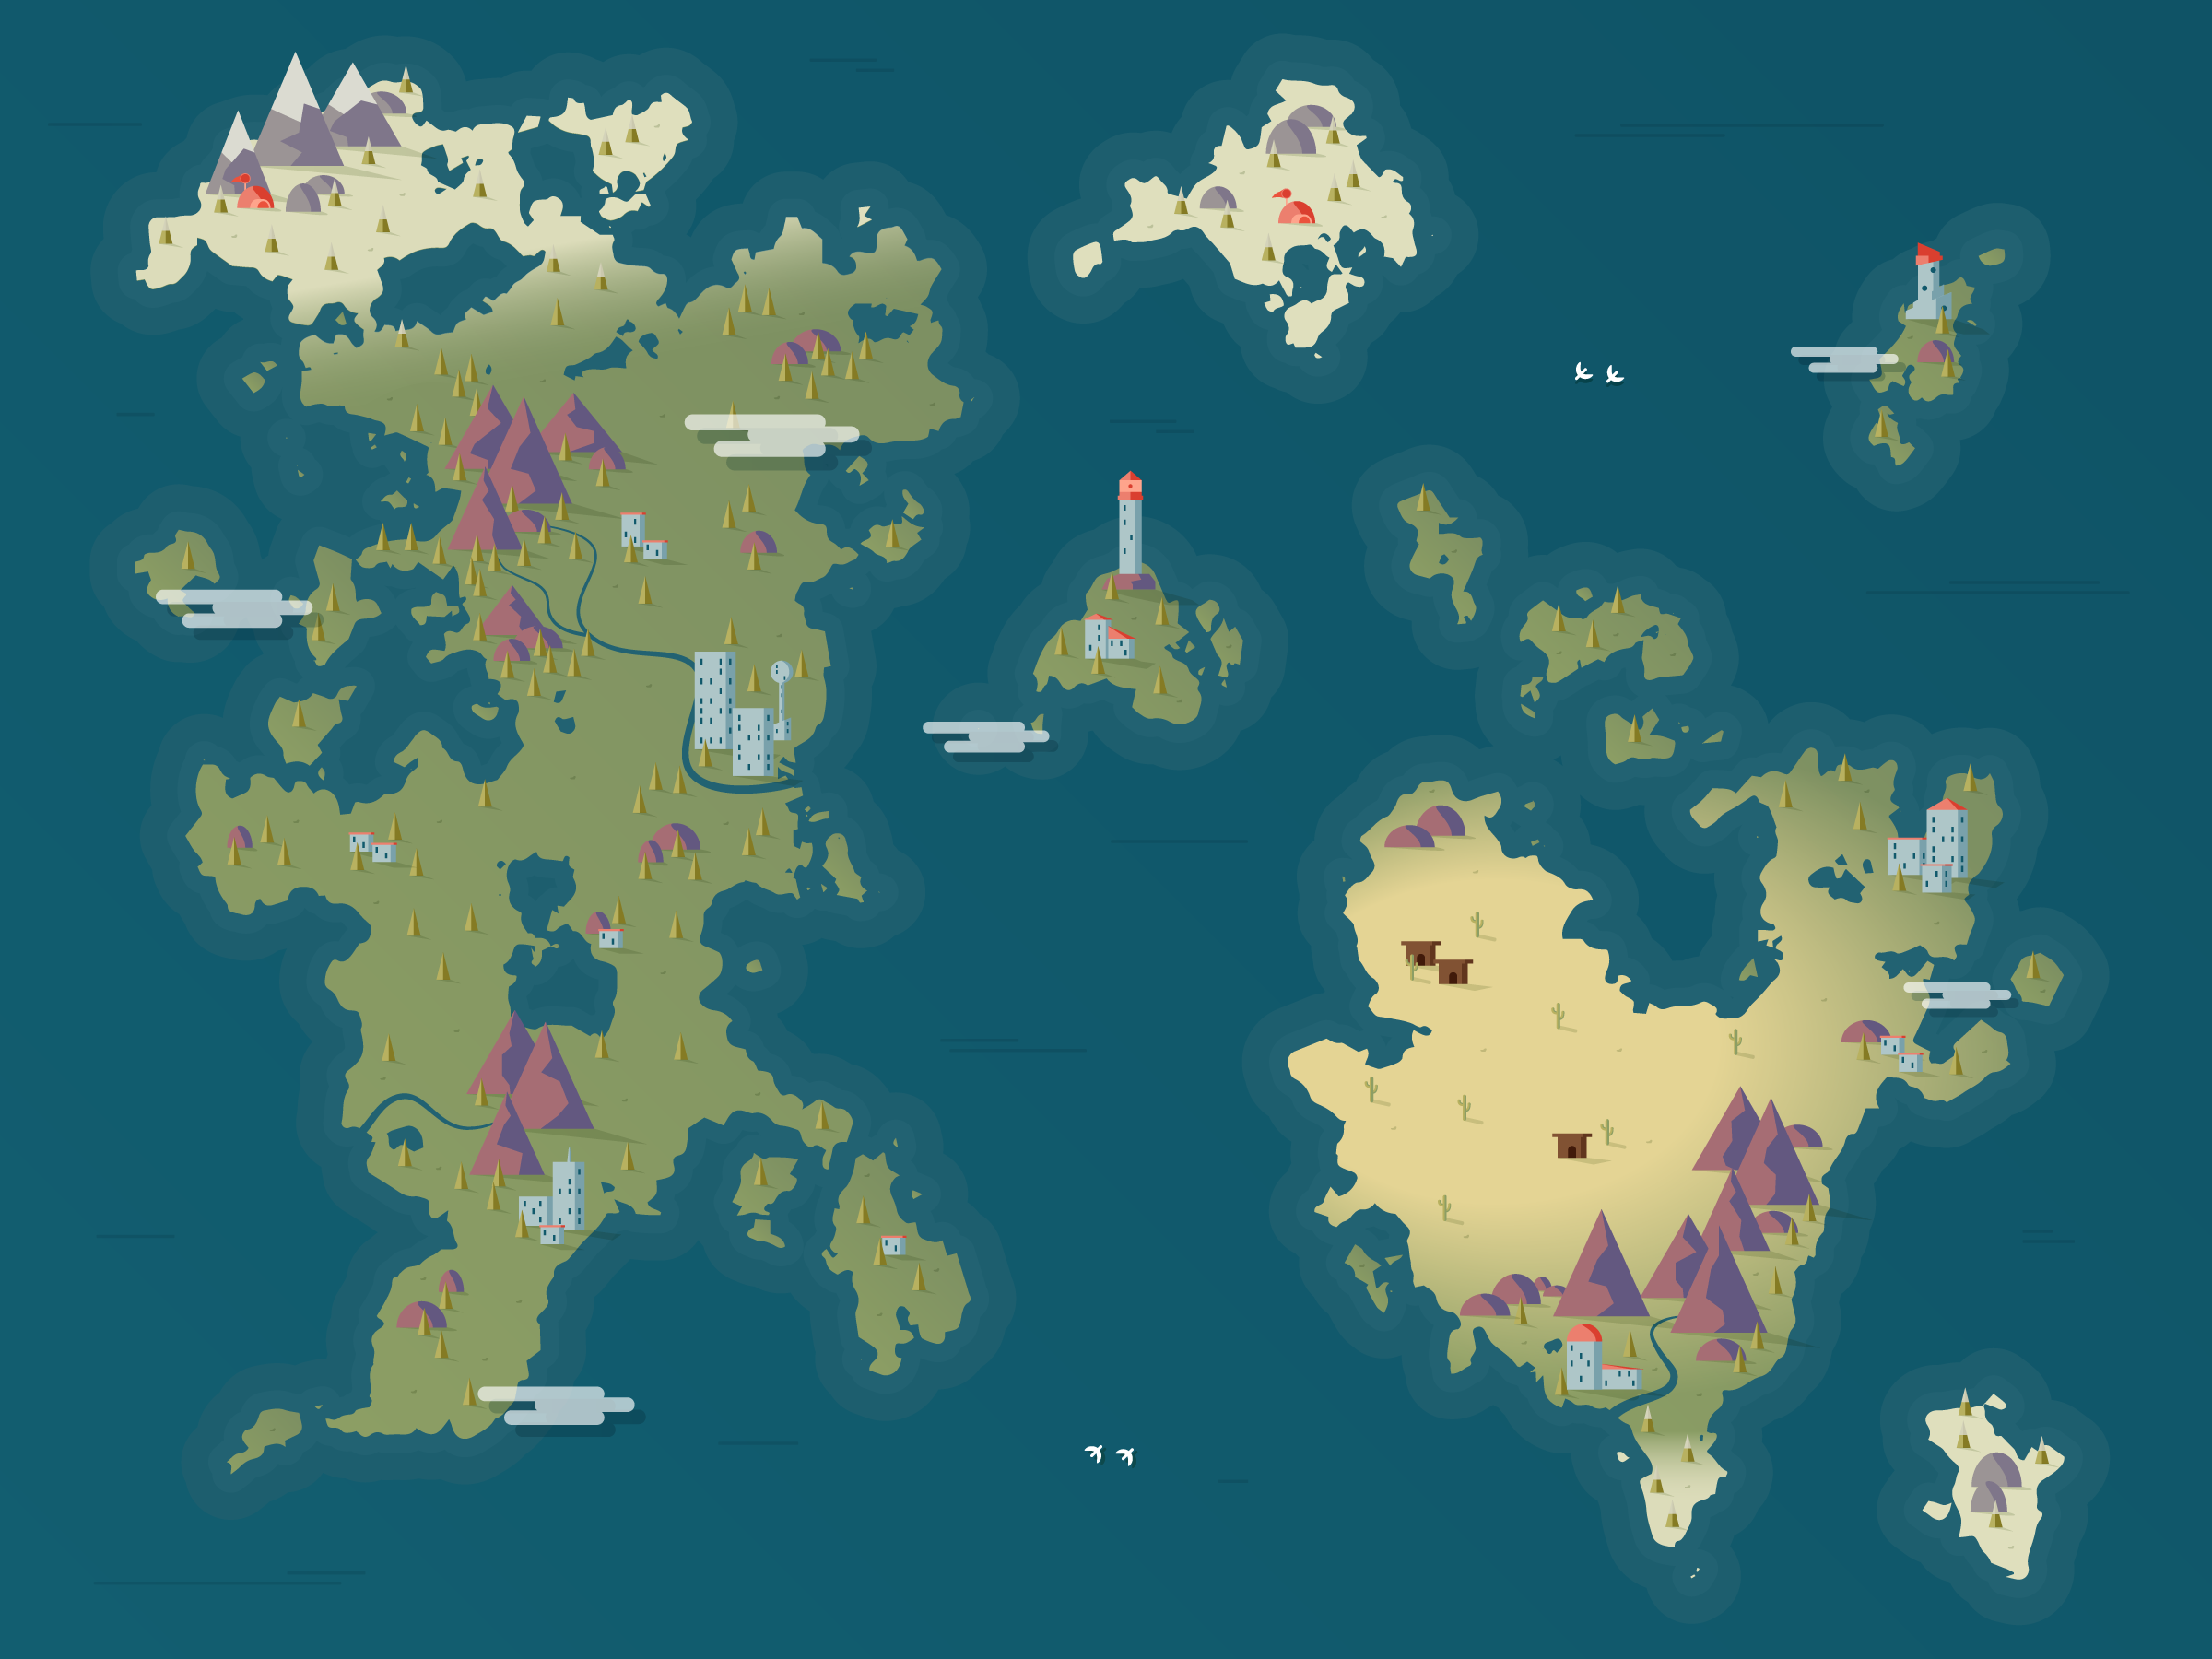 map_3-(Matt's-iMac's-conflicted-copy-2015-12-21).png